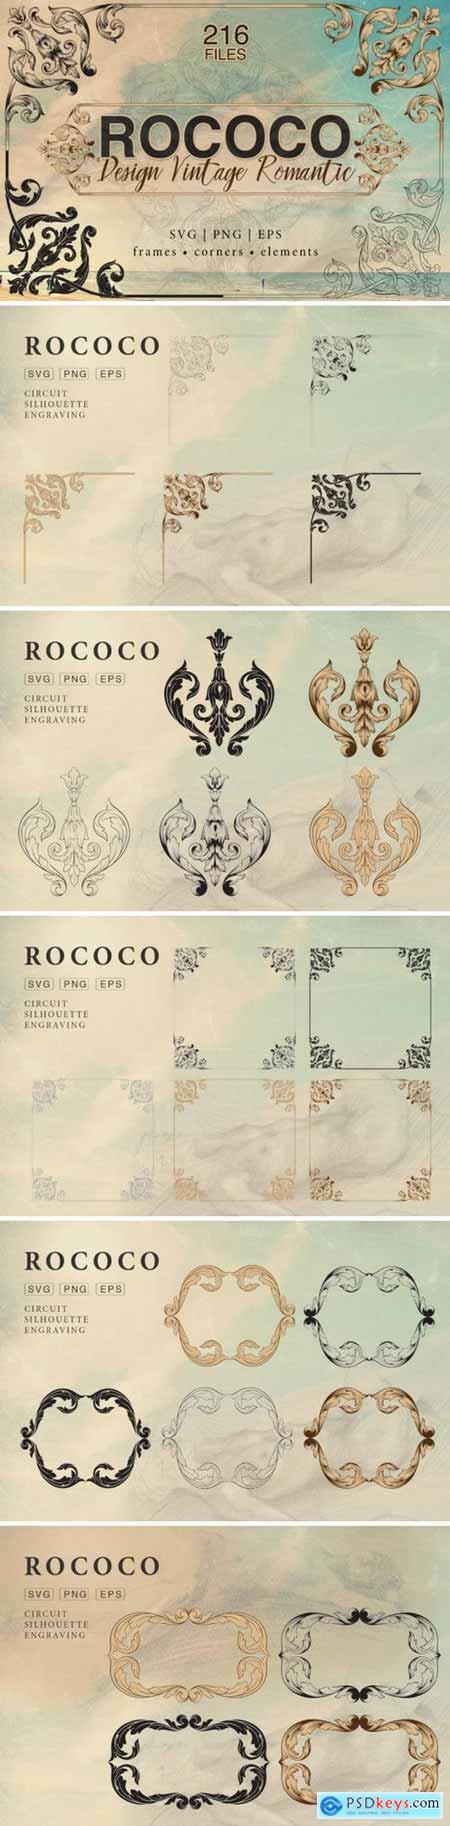 Rococo Romance Ornament page decor 3386333